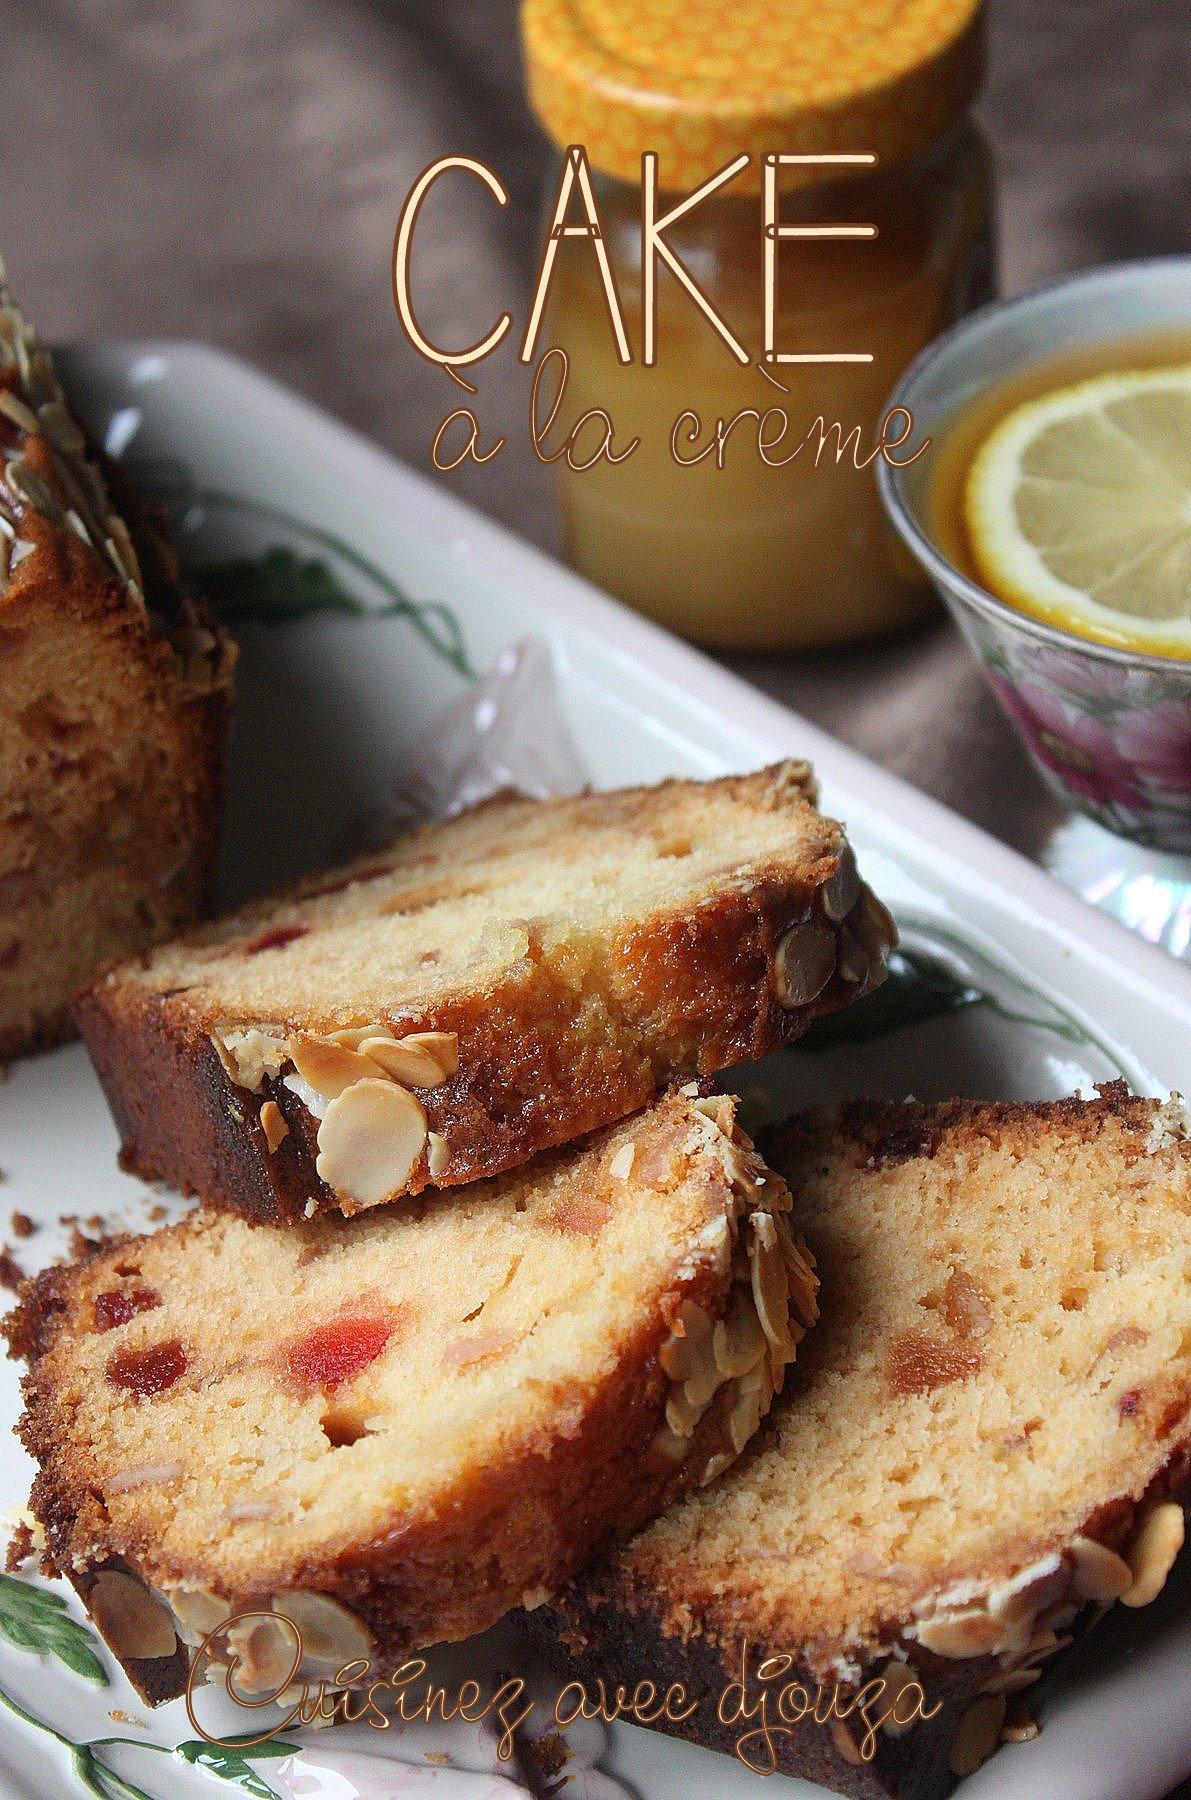 Cake avec crème fraîche et fruits confits